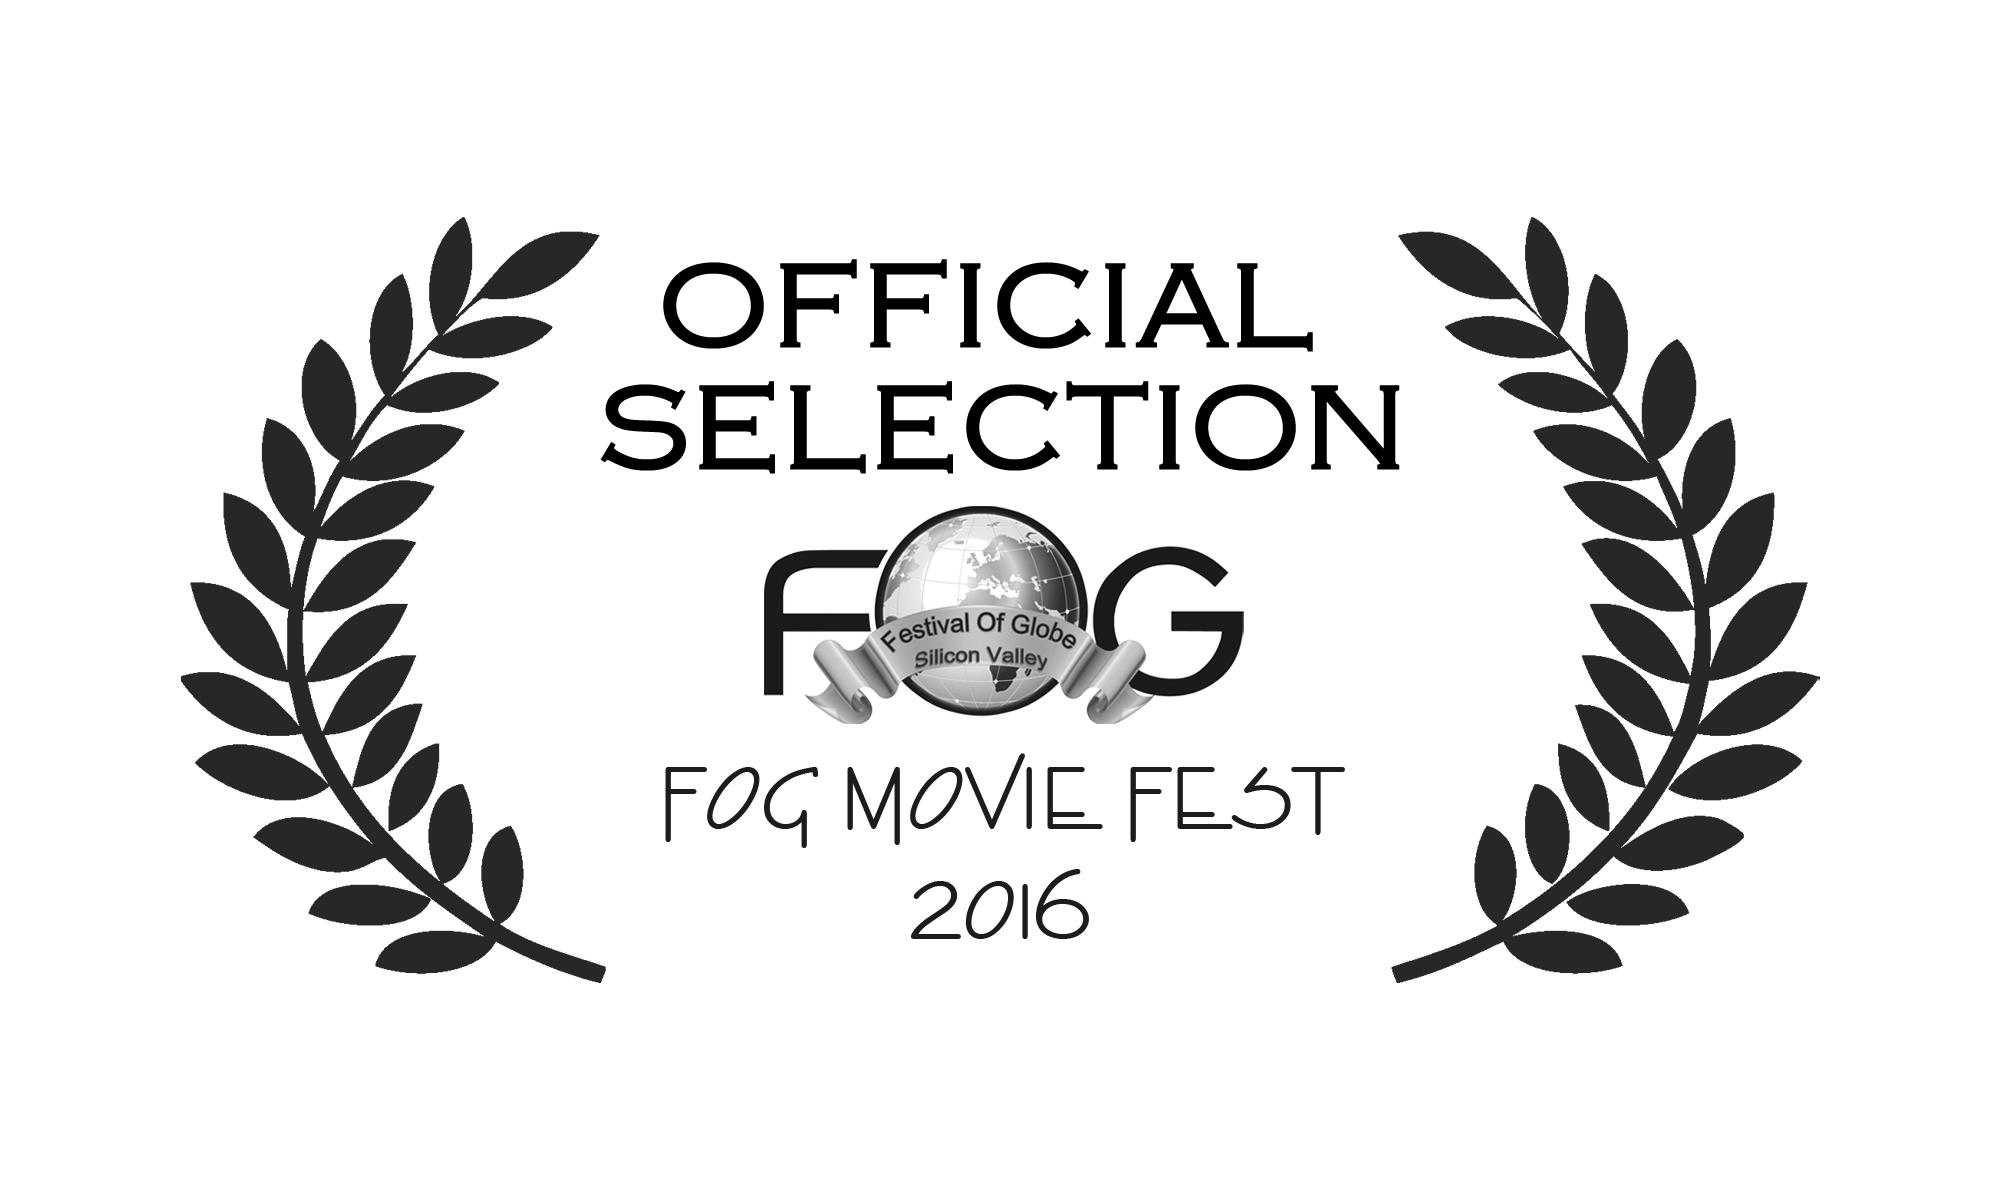 FOG-OfficialSelection_White_Bgnd.jpg